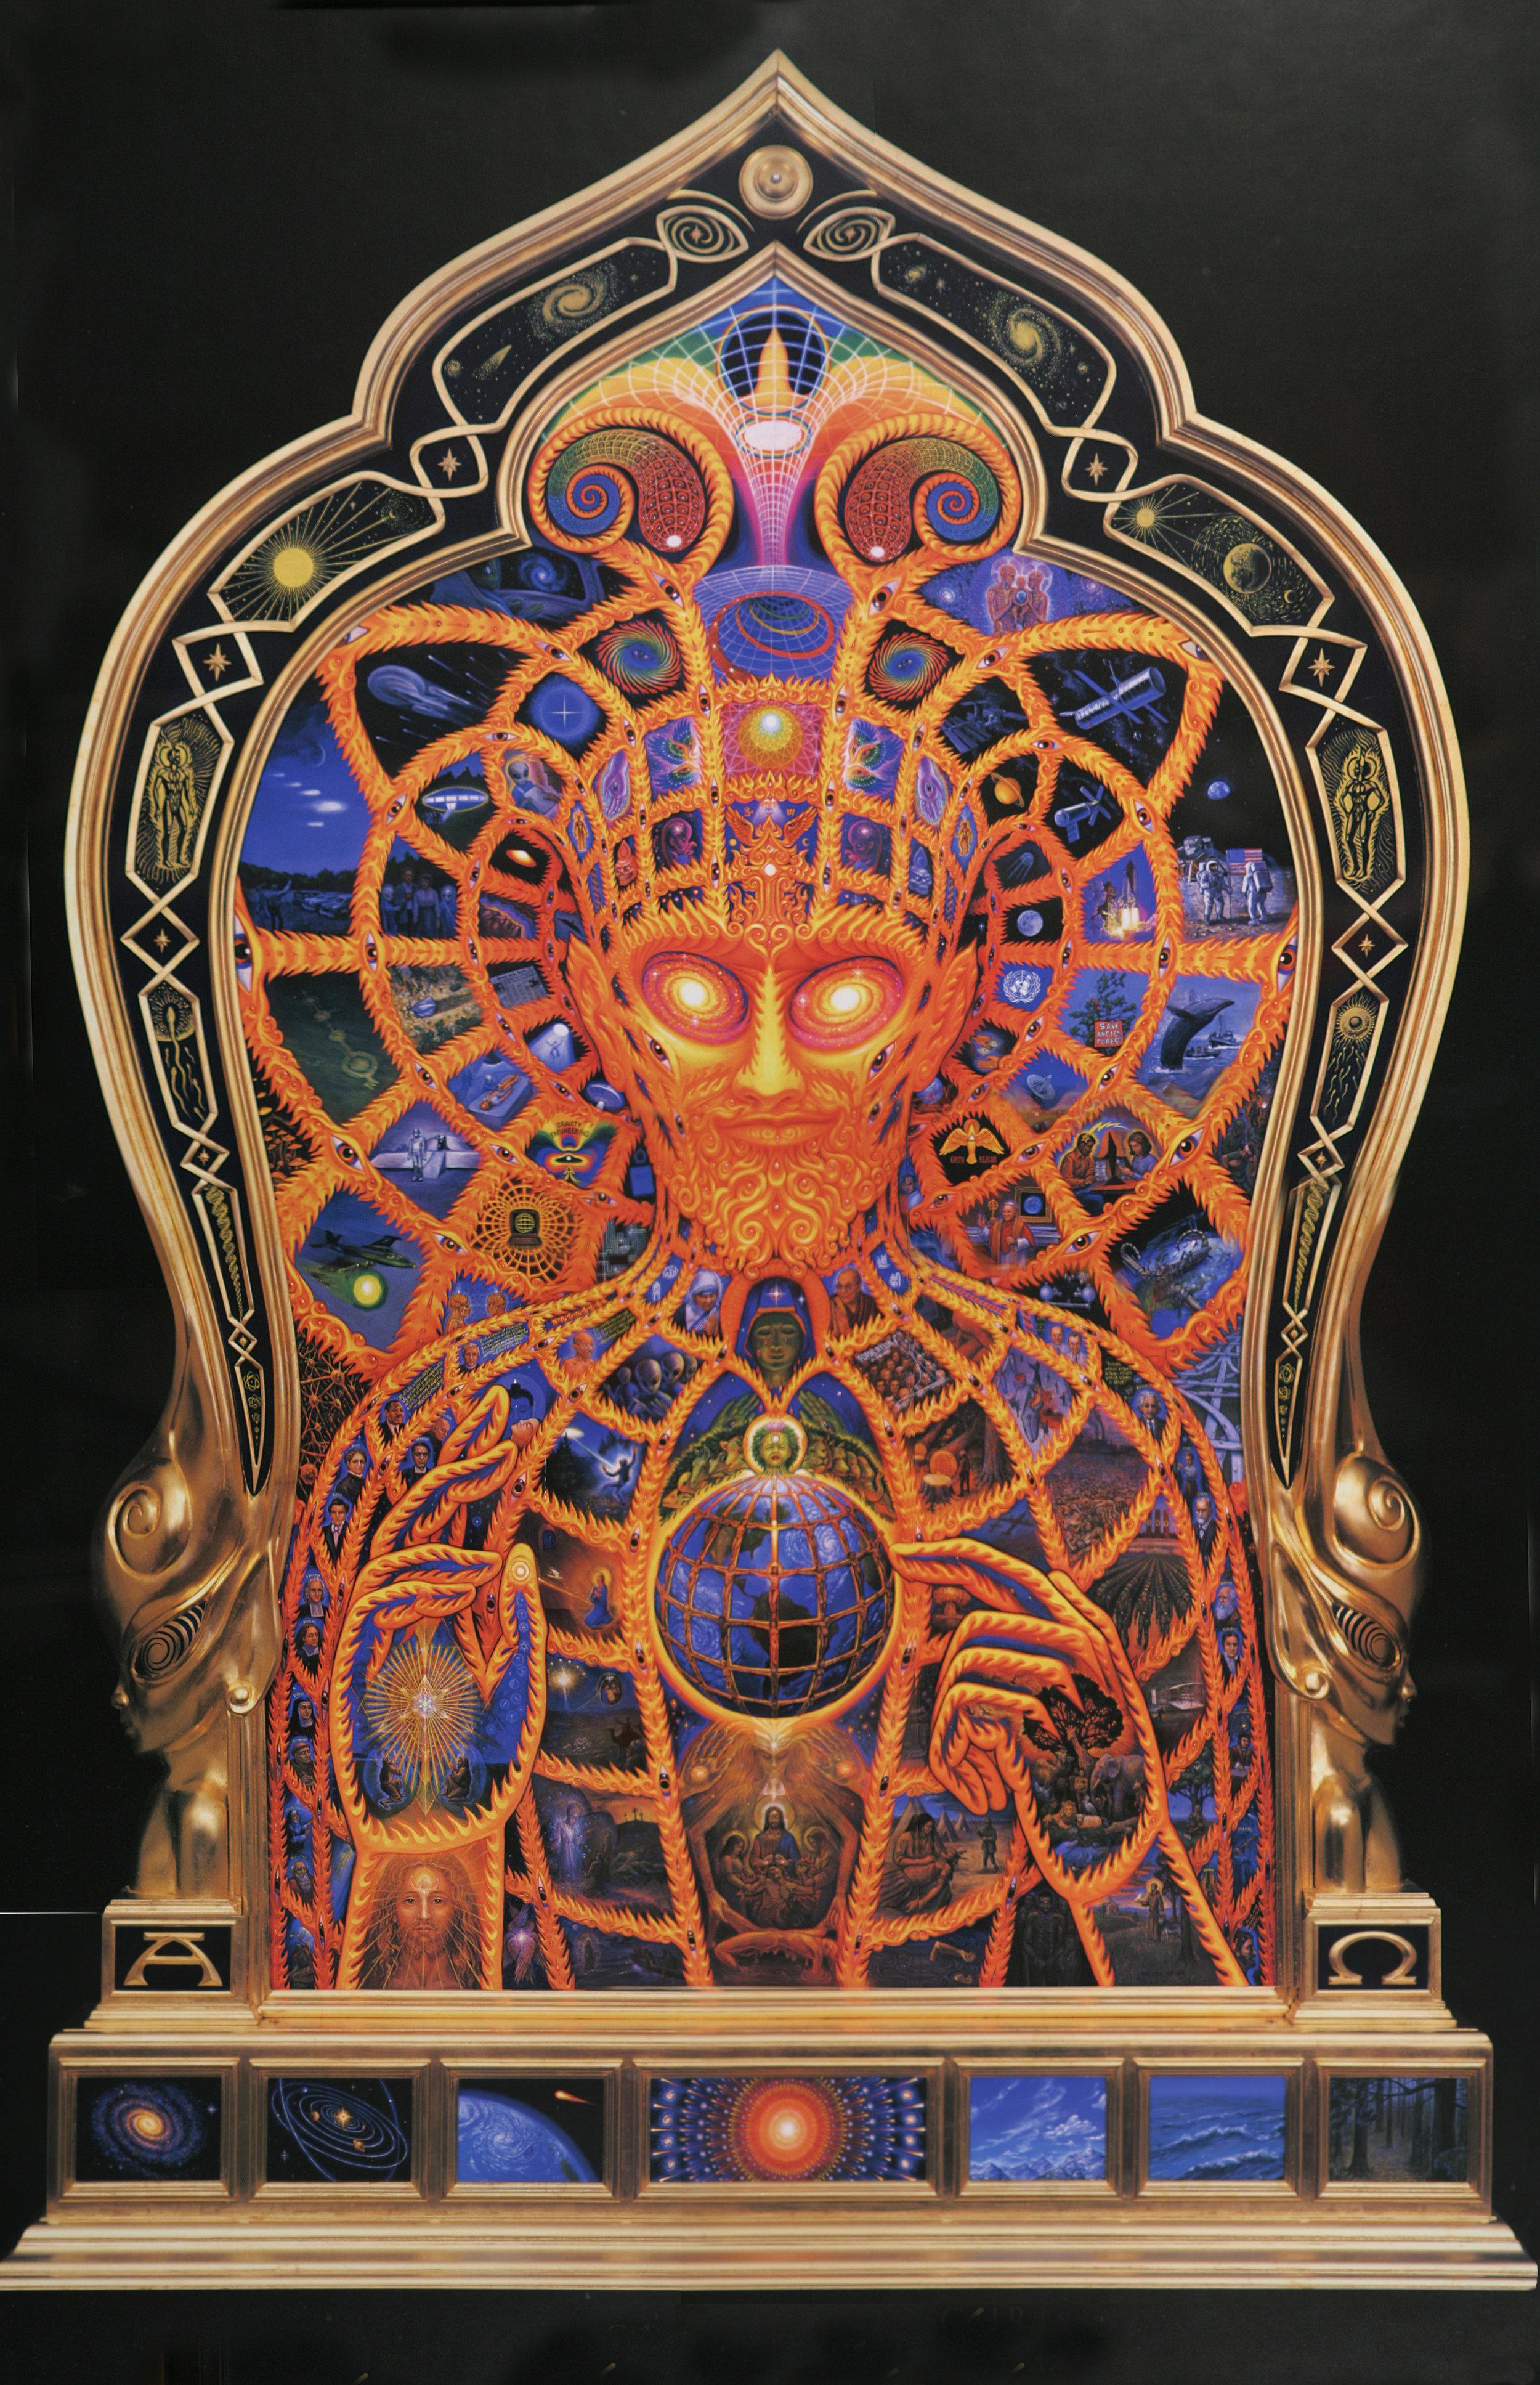 Cosmic Christ by Alex Grey   https://www.alexgrey.com/art/paintings/soul/alex_grey_cosmic_christ-2